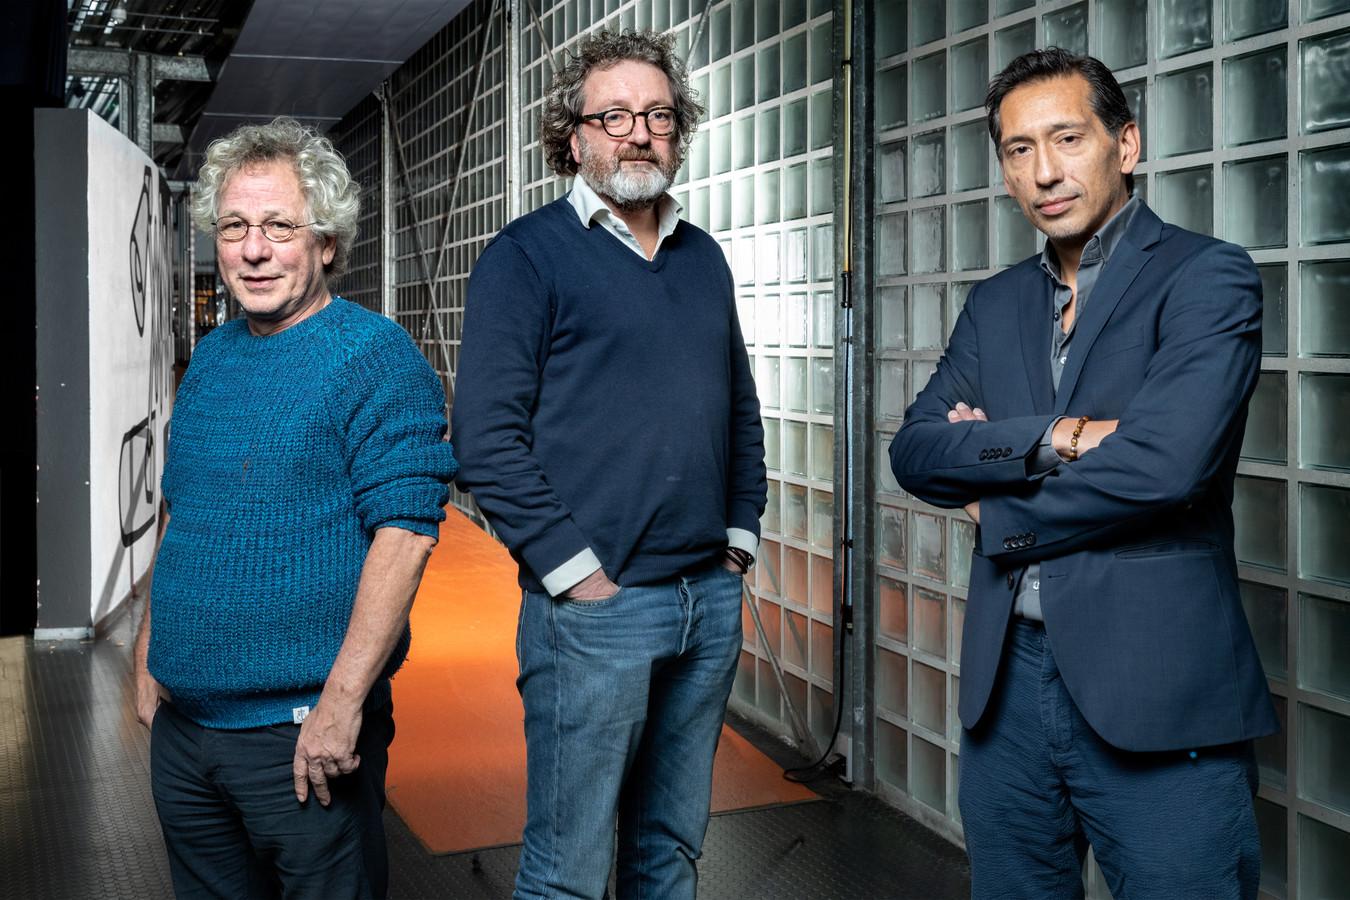 De advocaten Bert de Rooij (links), Erik Thomas (midden) en Geoffrey Woodrow.